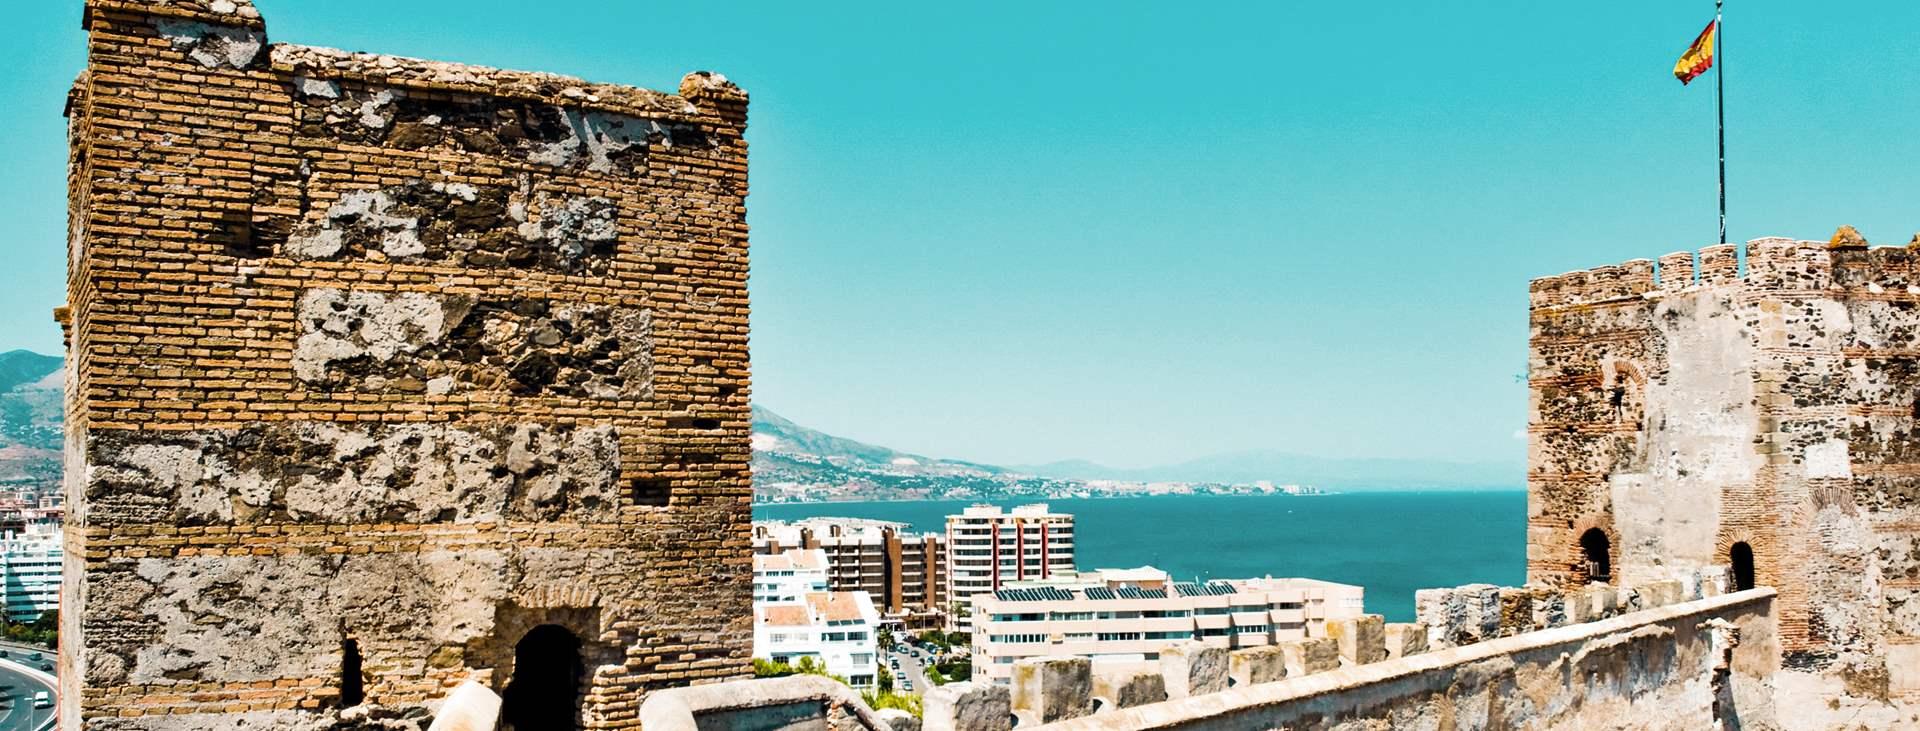 Boka en resa till Fuengirola i Spanien med Ving